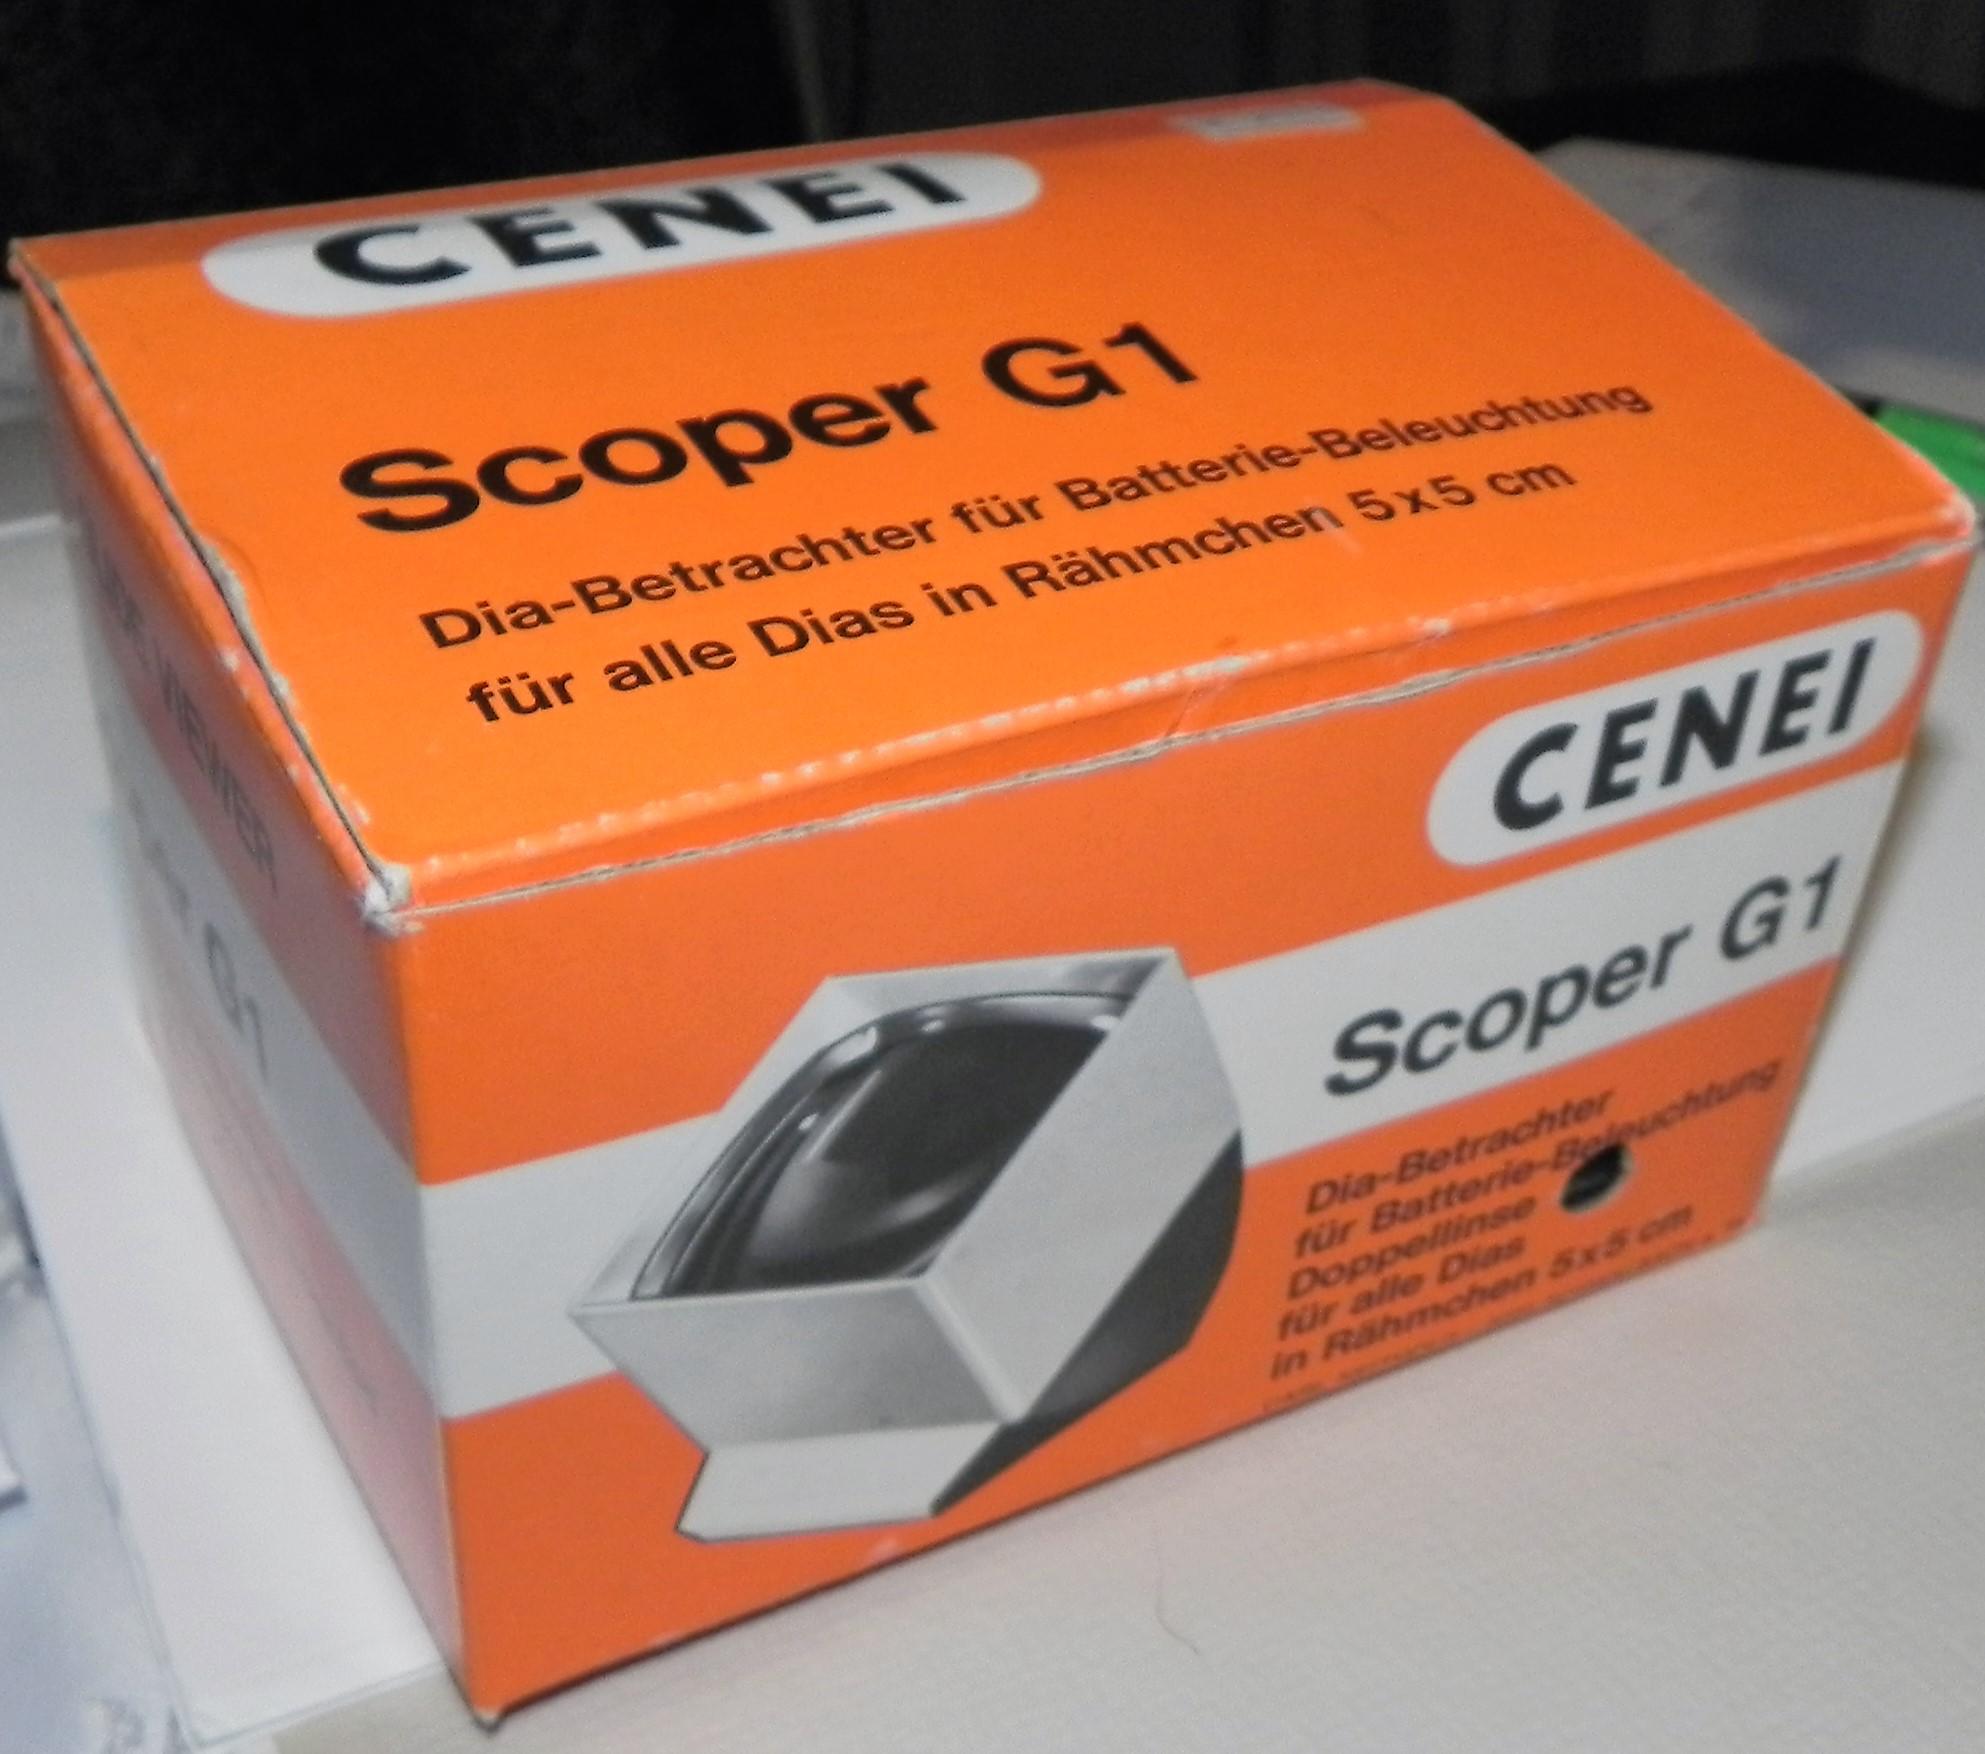 Przeglądarka do slajdów Scoper G1